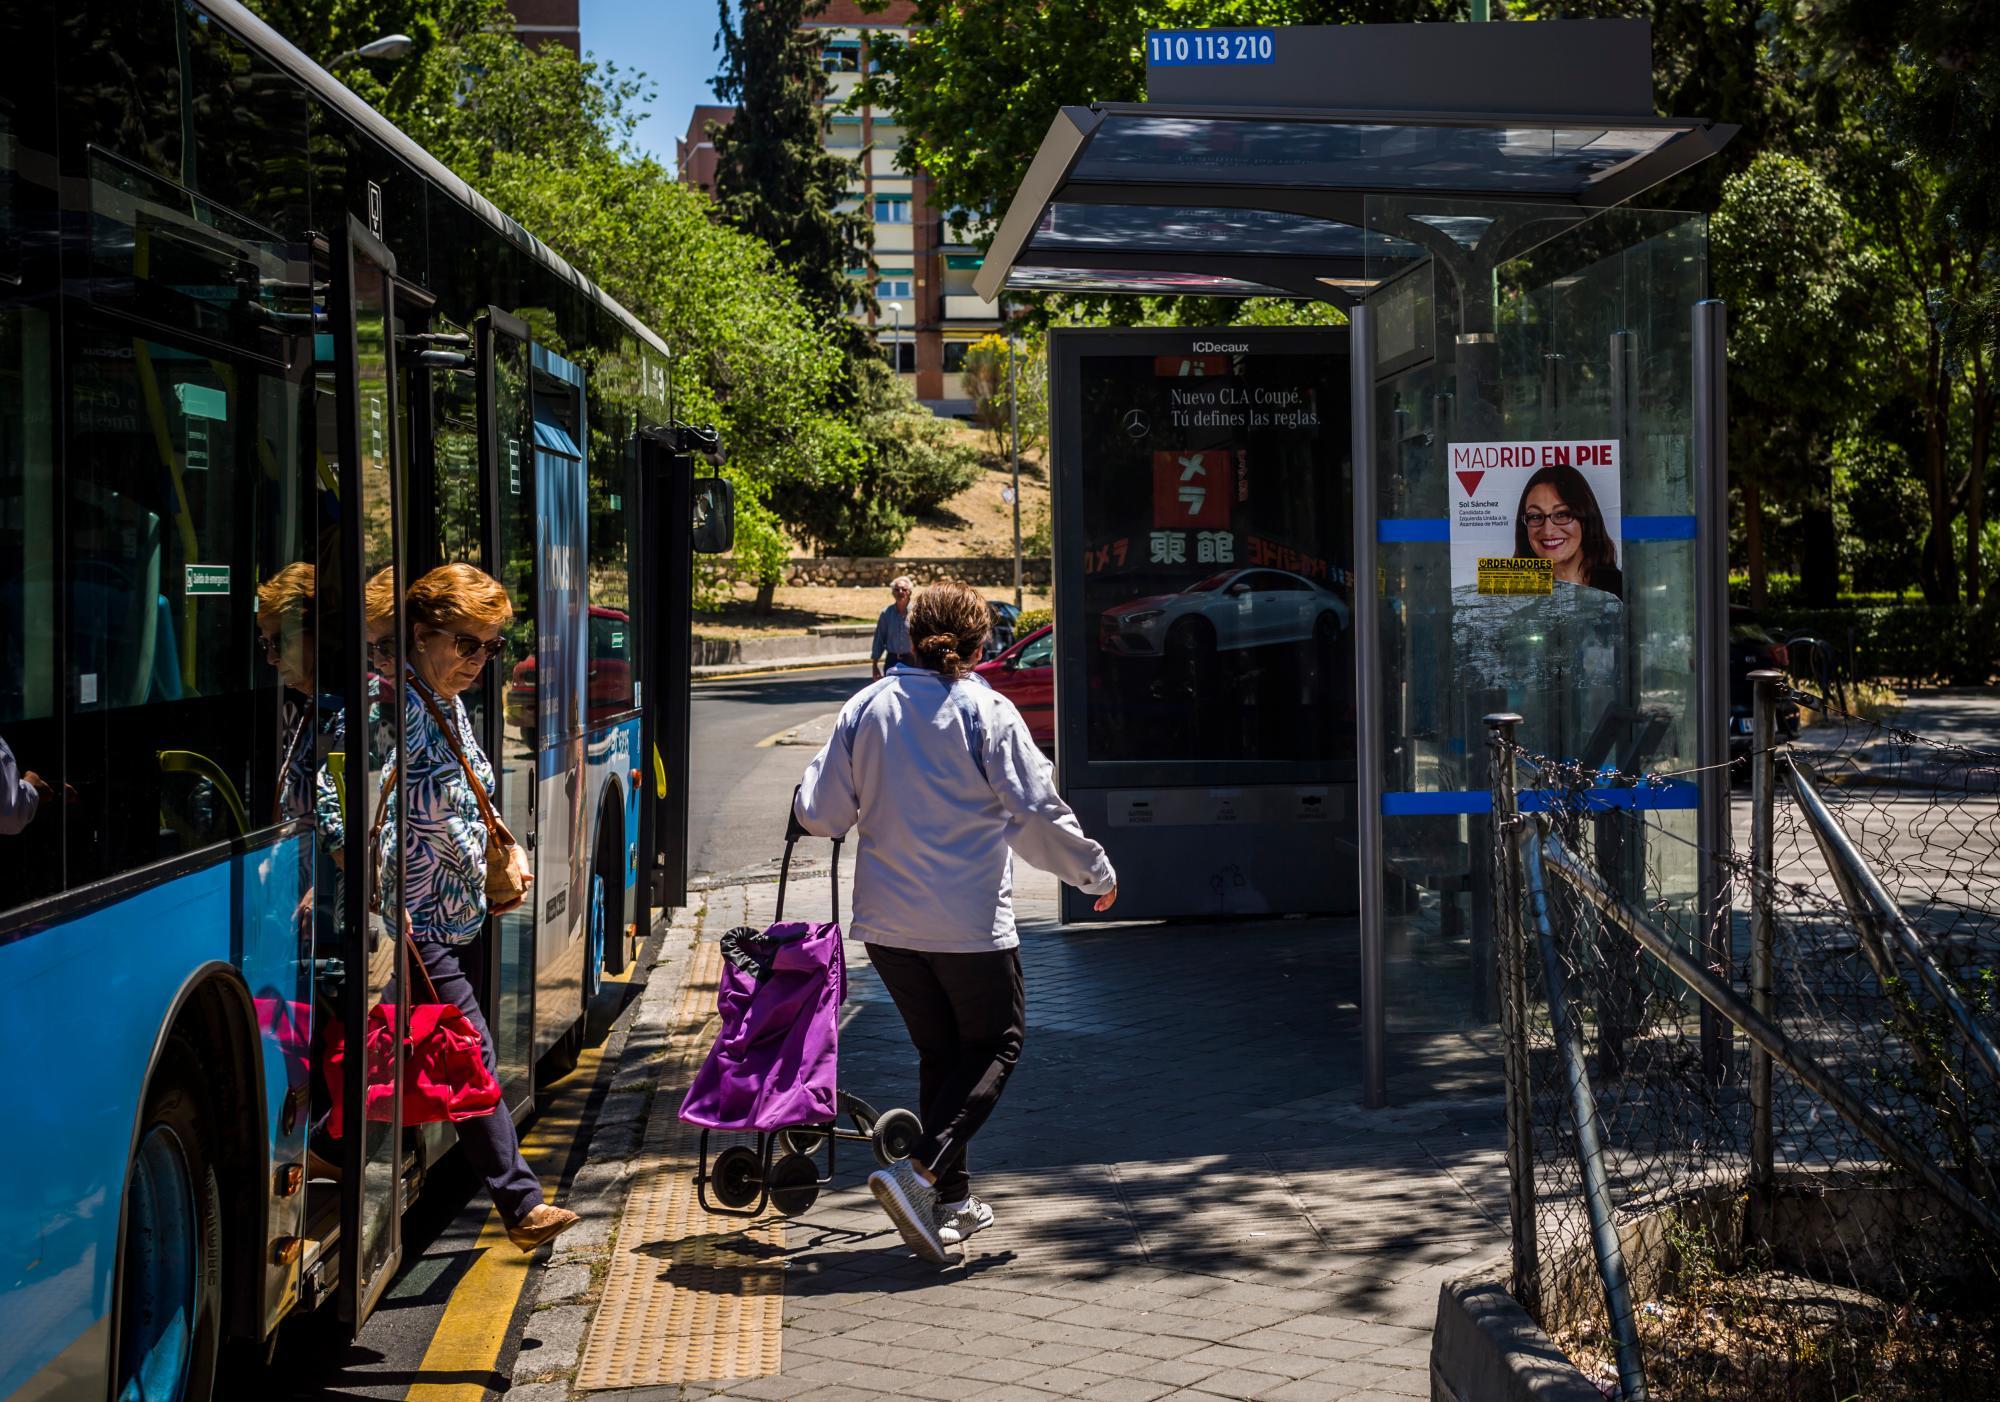 Madrid reducirá un 25% el abono de transporte para mayores de 65 años